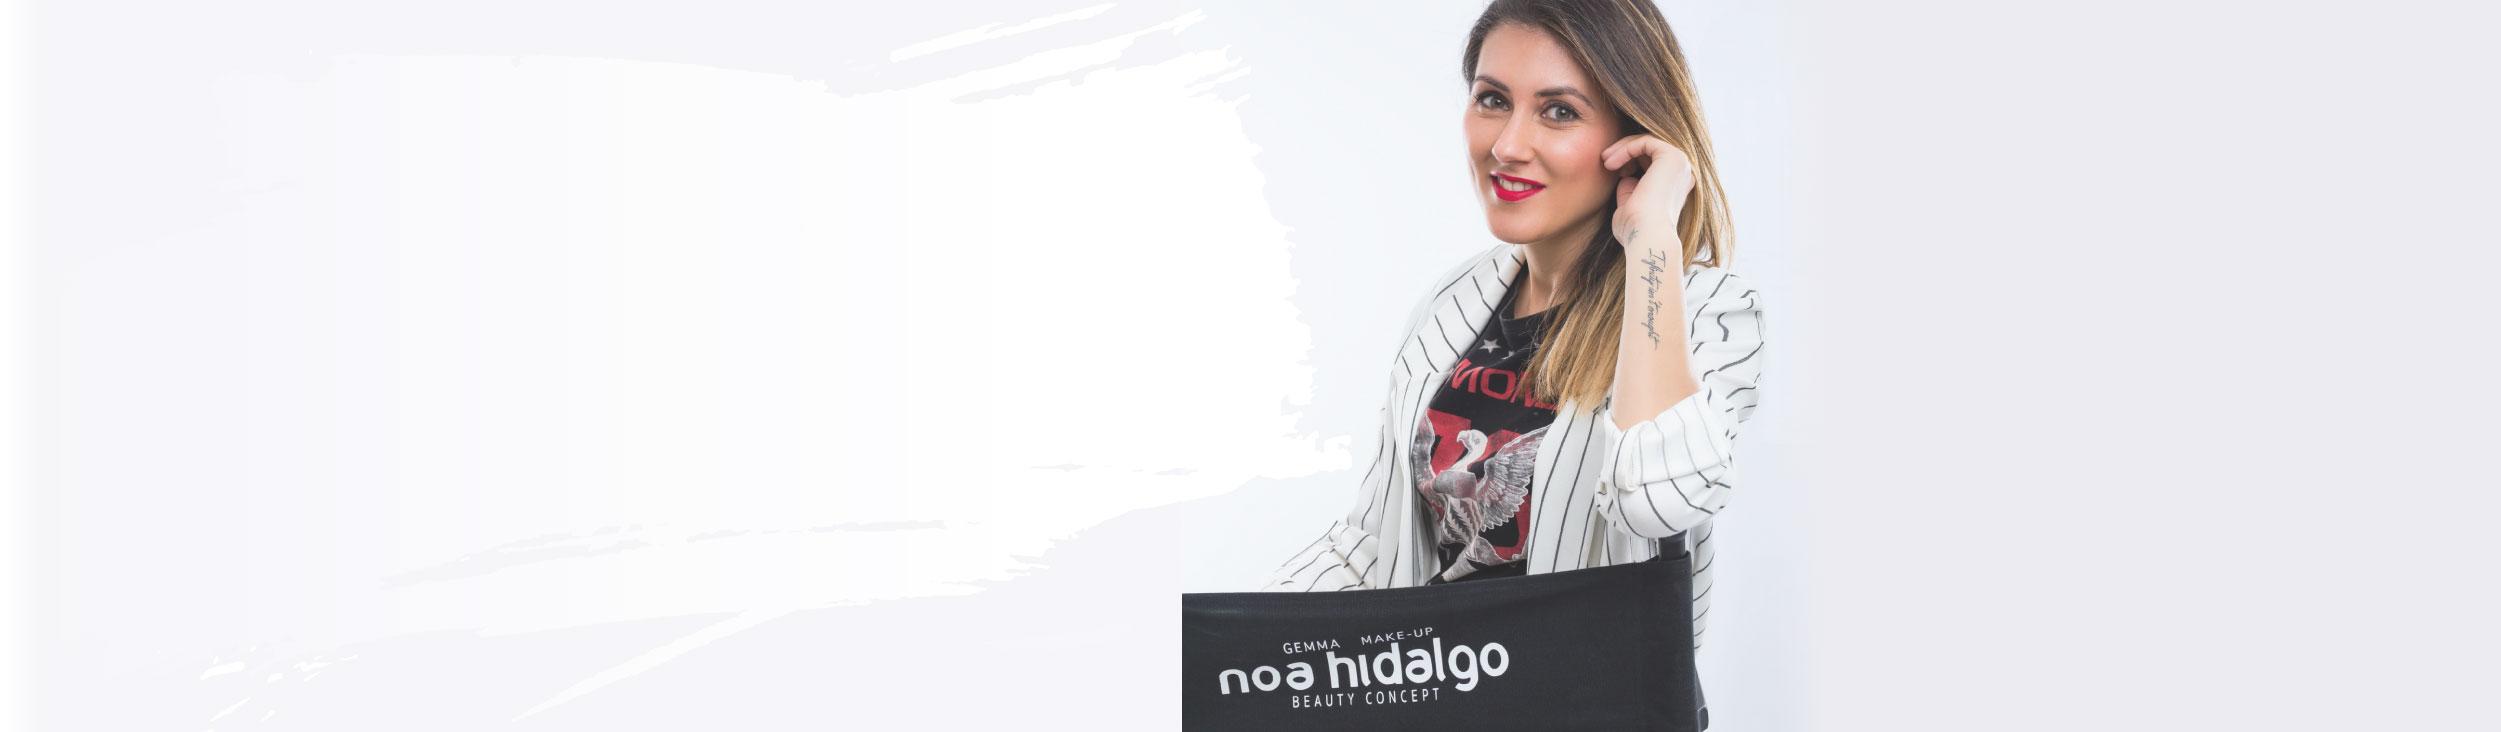 noa-hidalgo